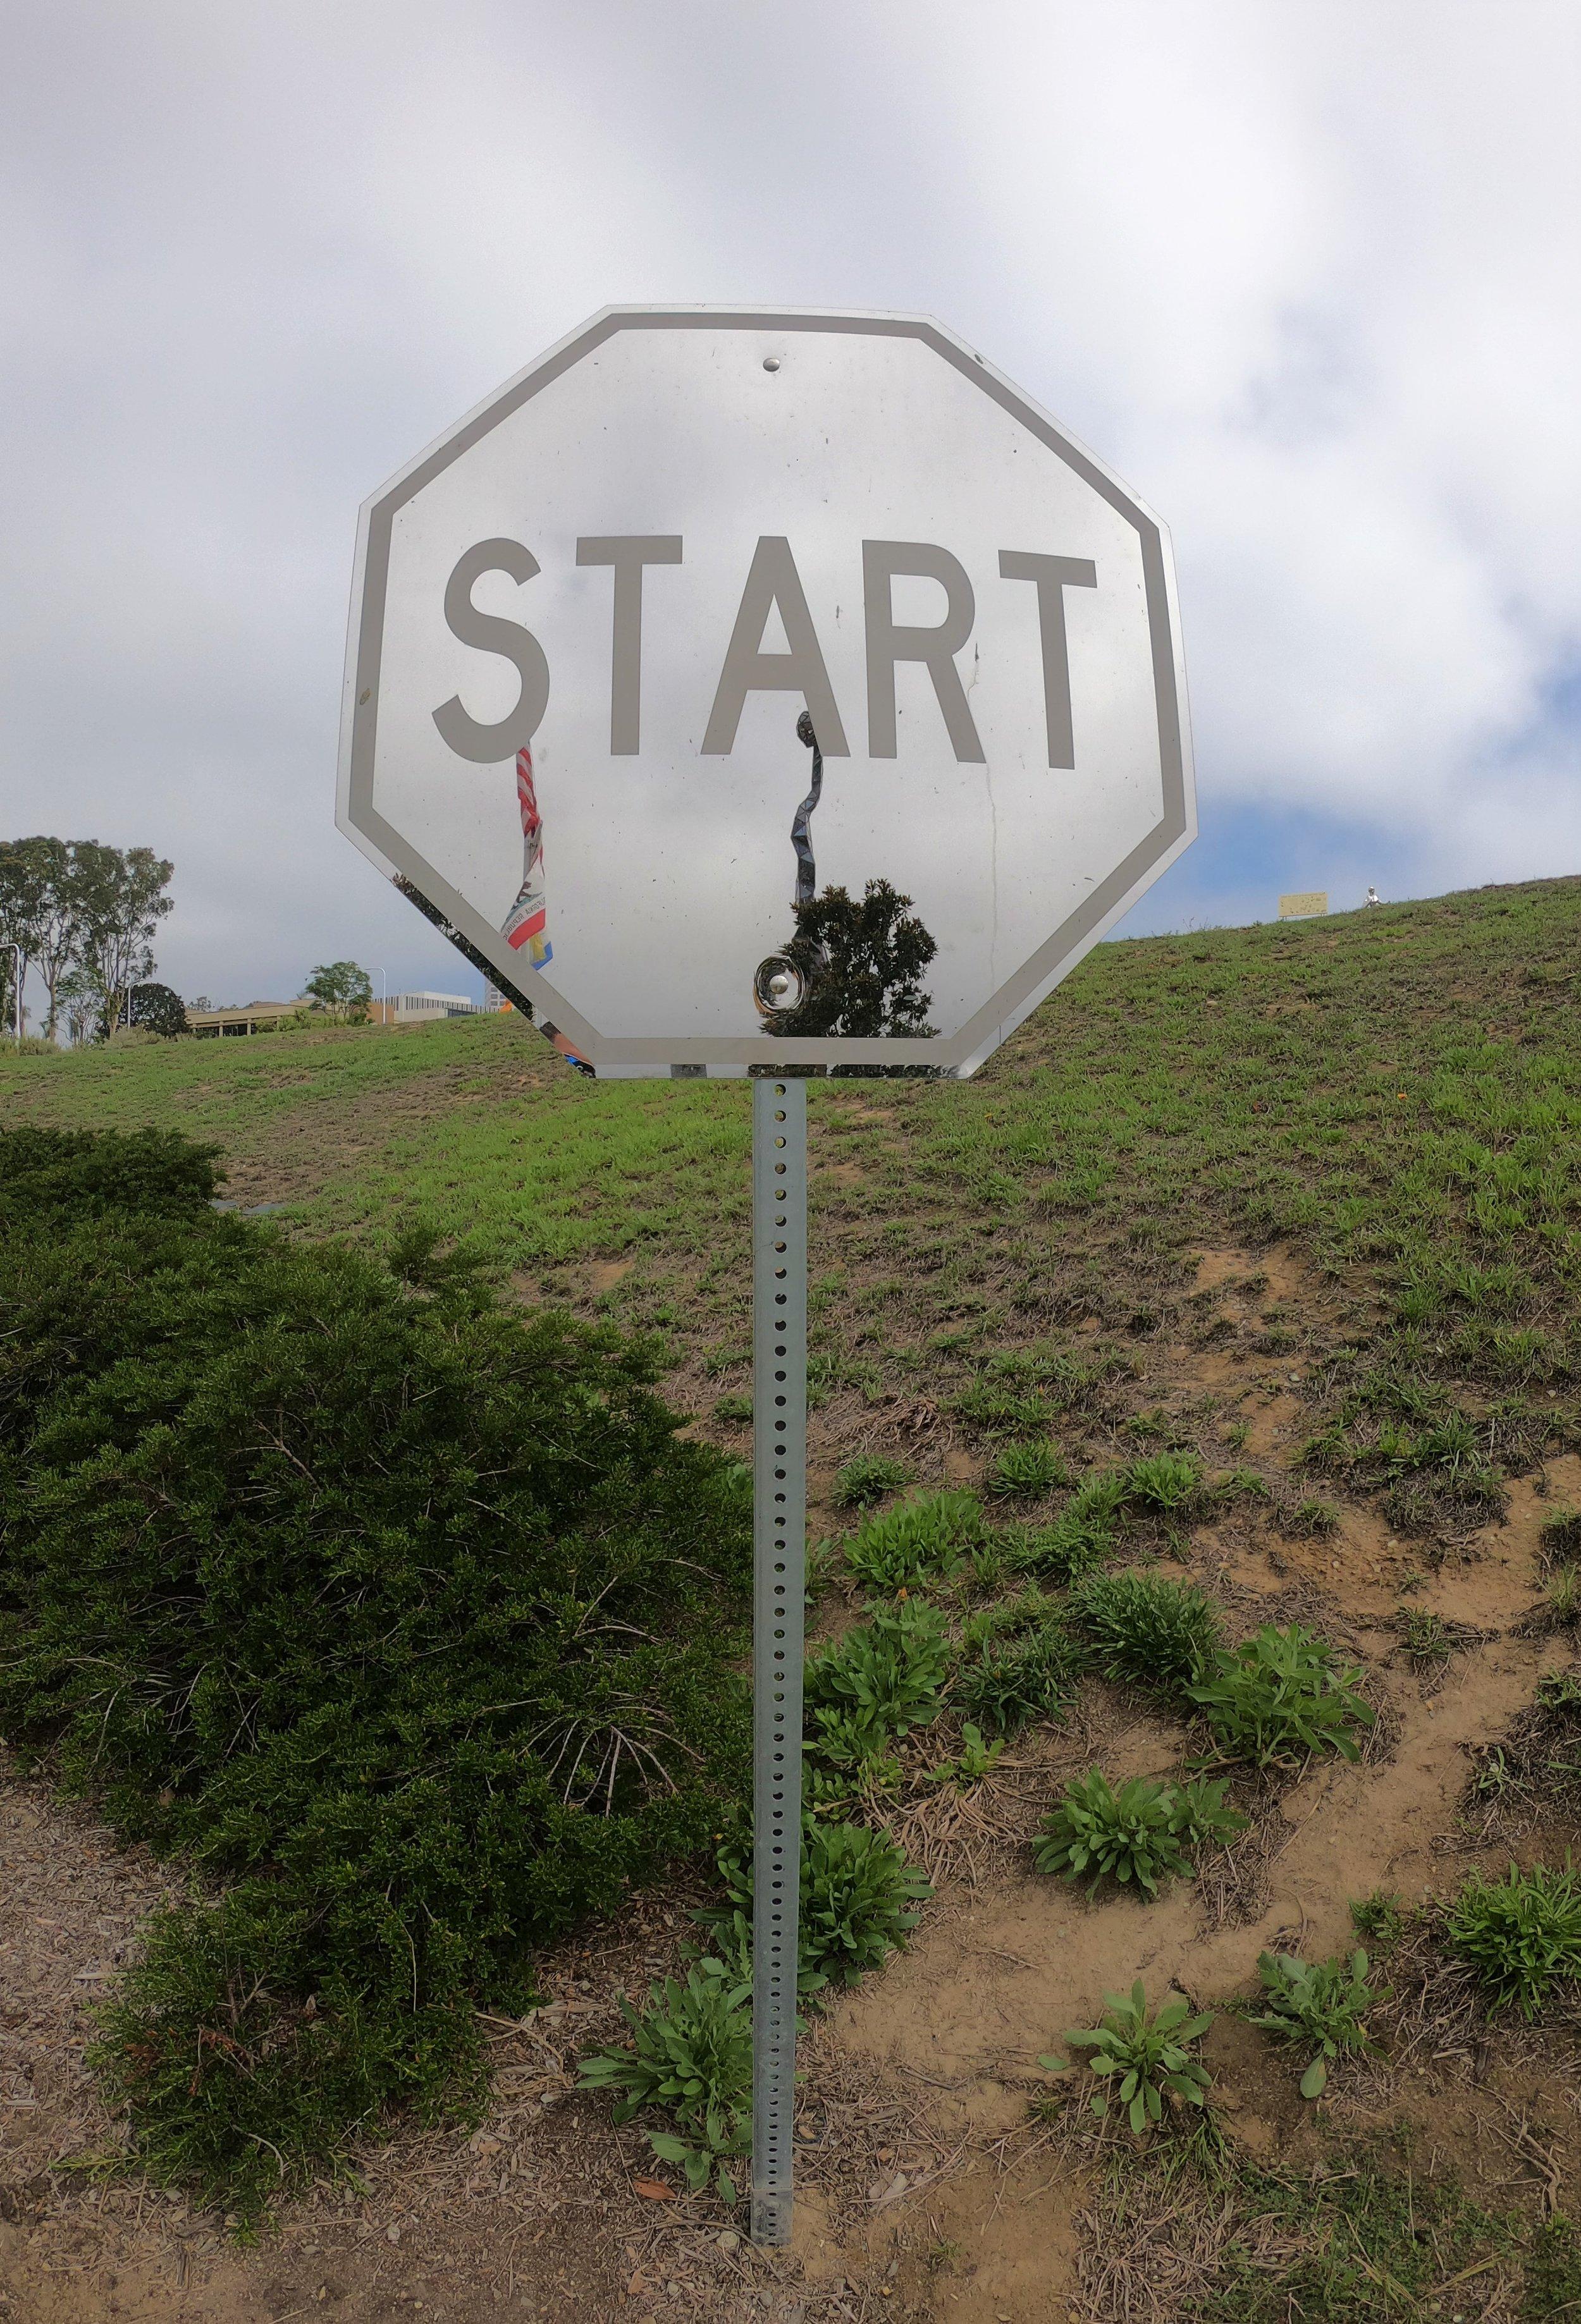 START Now by Scott Froschauer